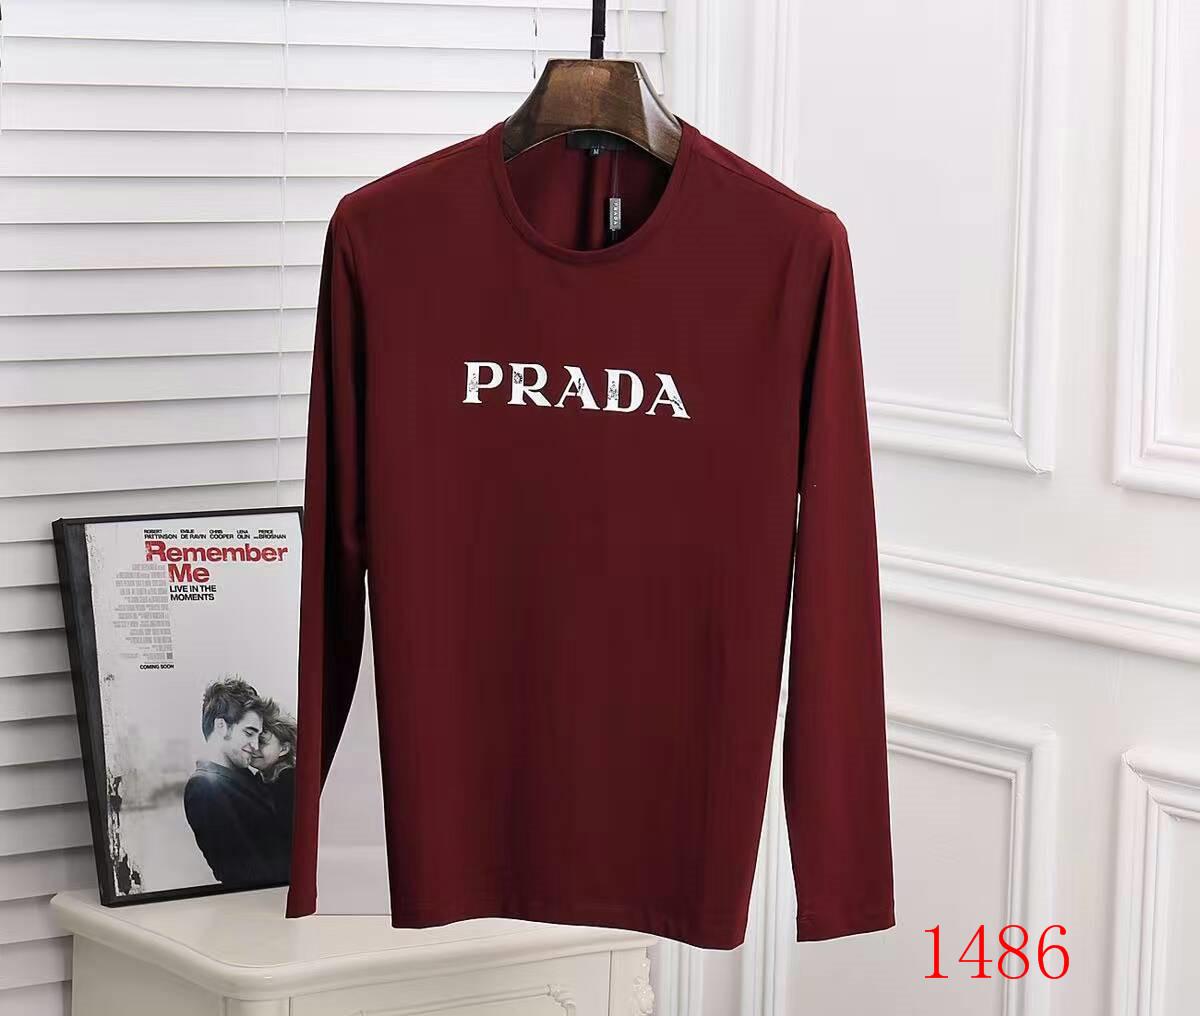 4f2e89b44cf28 Prada Shirts For Mens